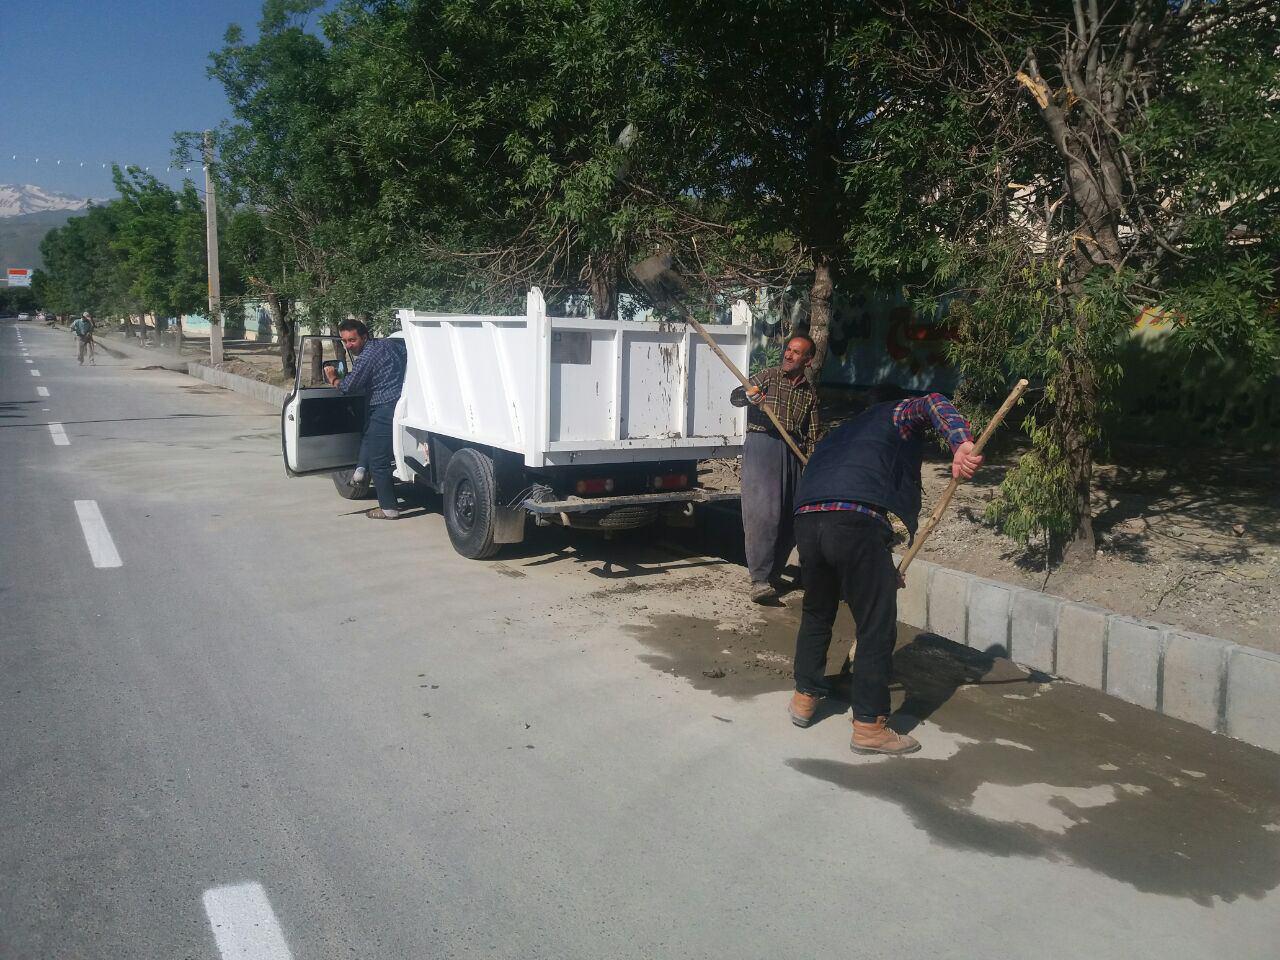 پاکسازی و شستشوی بلوار ارتش بعد از اتمام جدول گذاری توسط خدمات شهری شهرداری